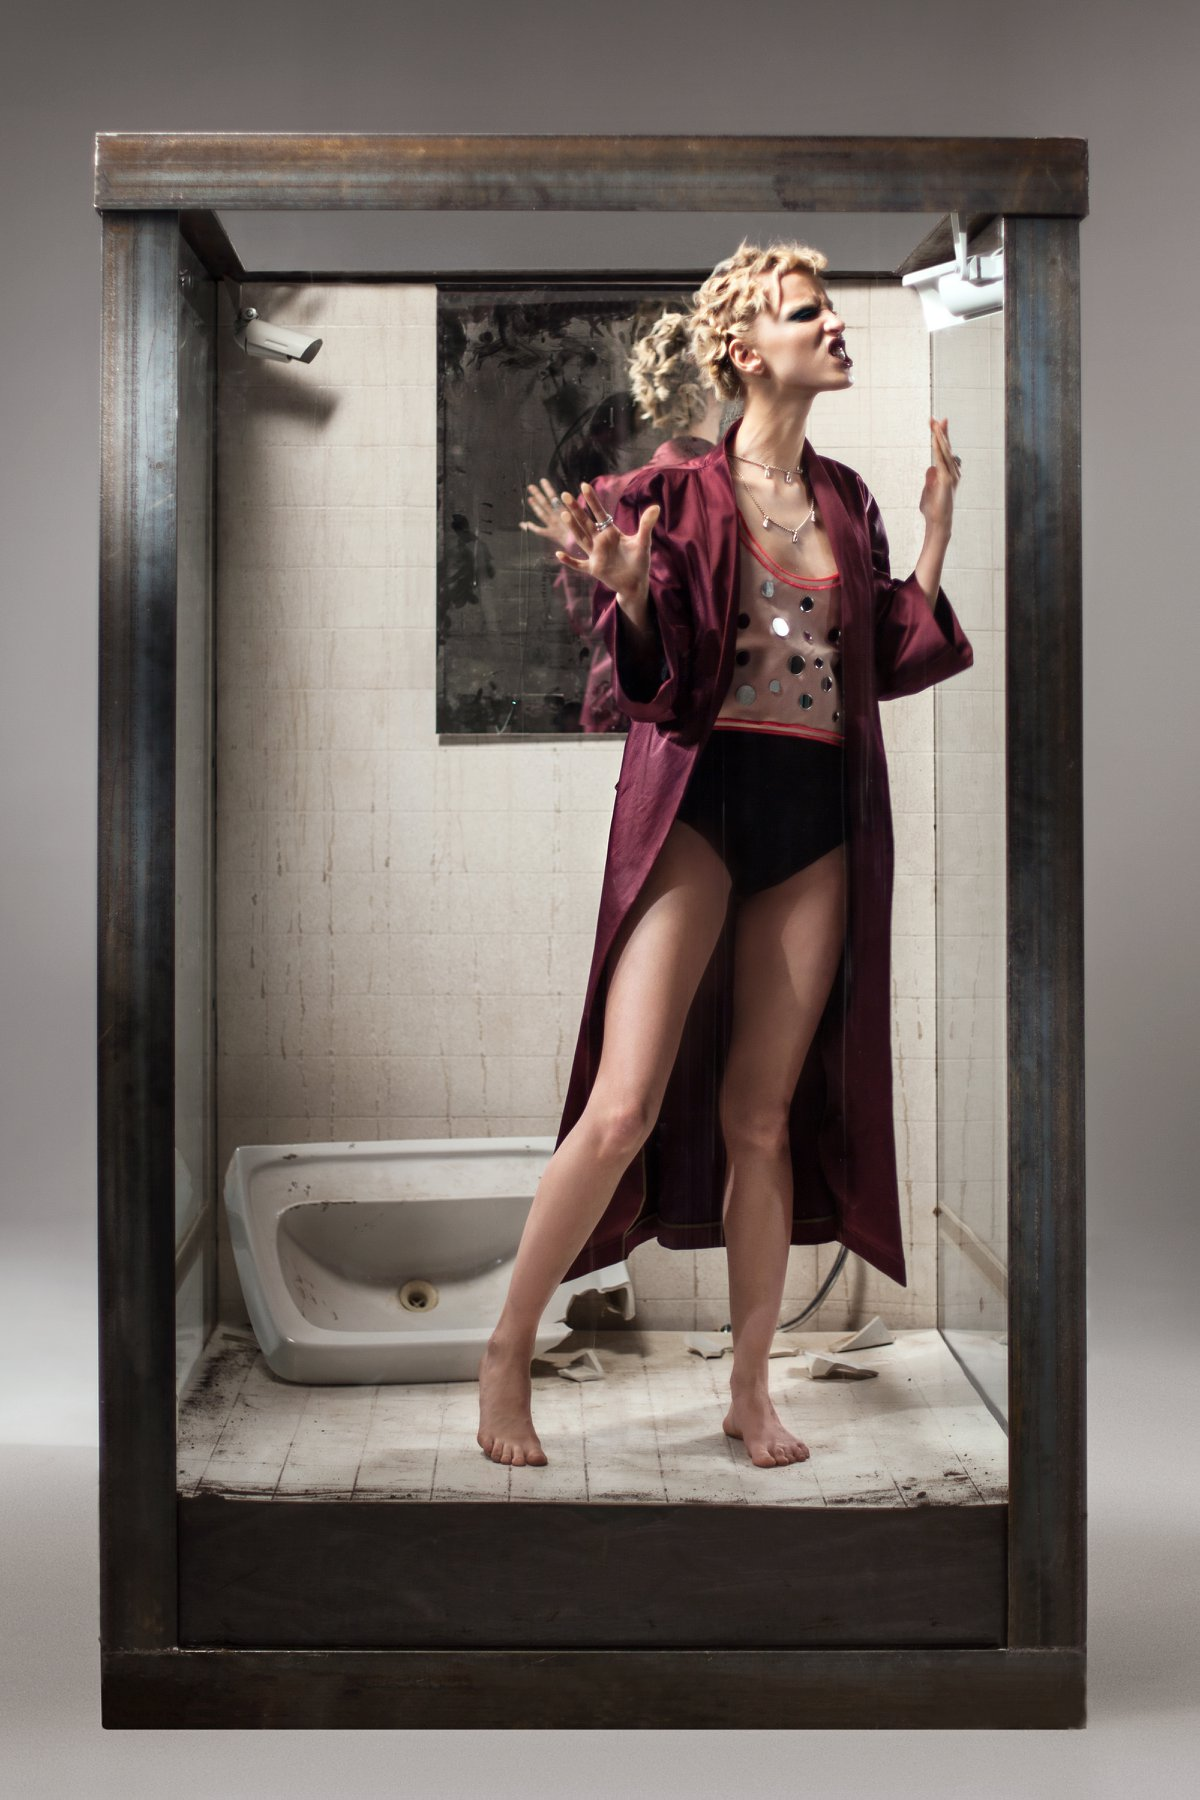 Coat: Ли-Лу, Top: WOS by Andrey Artyomov, Shorts: Dolce & Gabbana, Necklace: Uno de 50